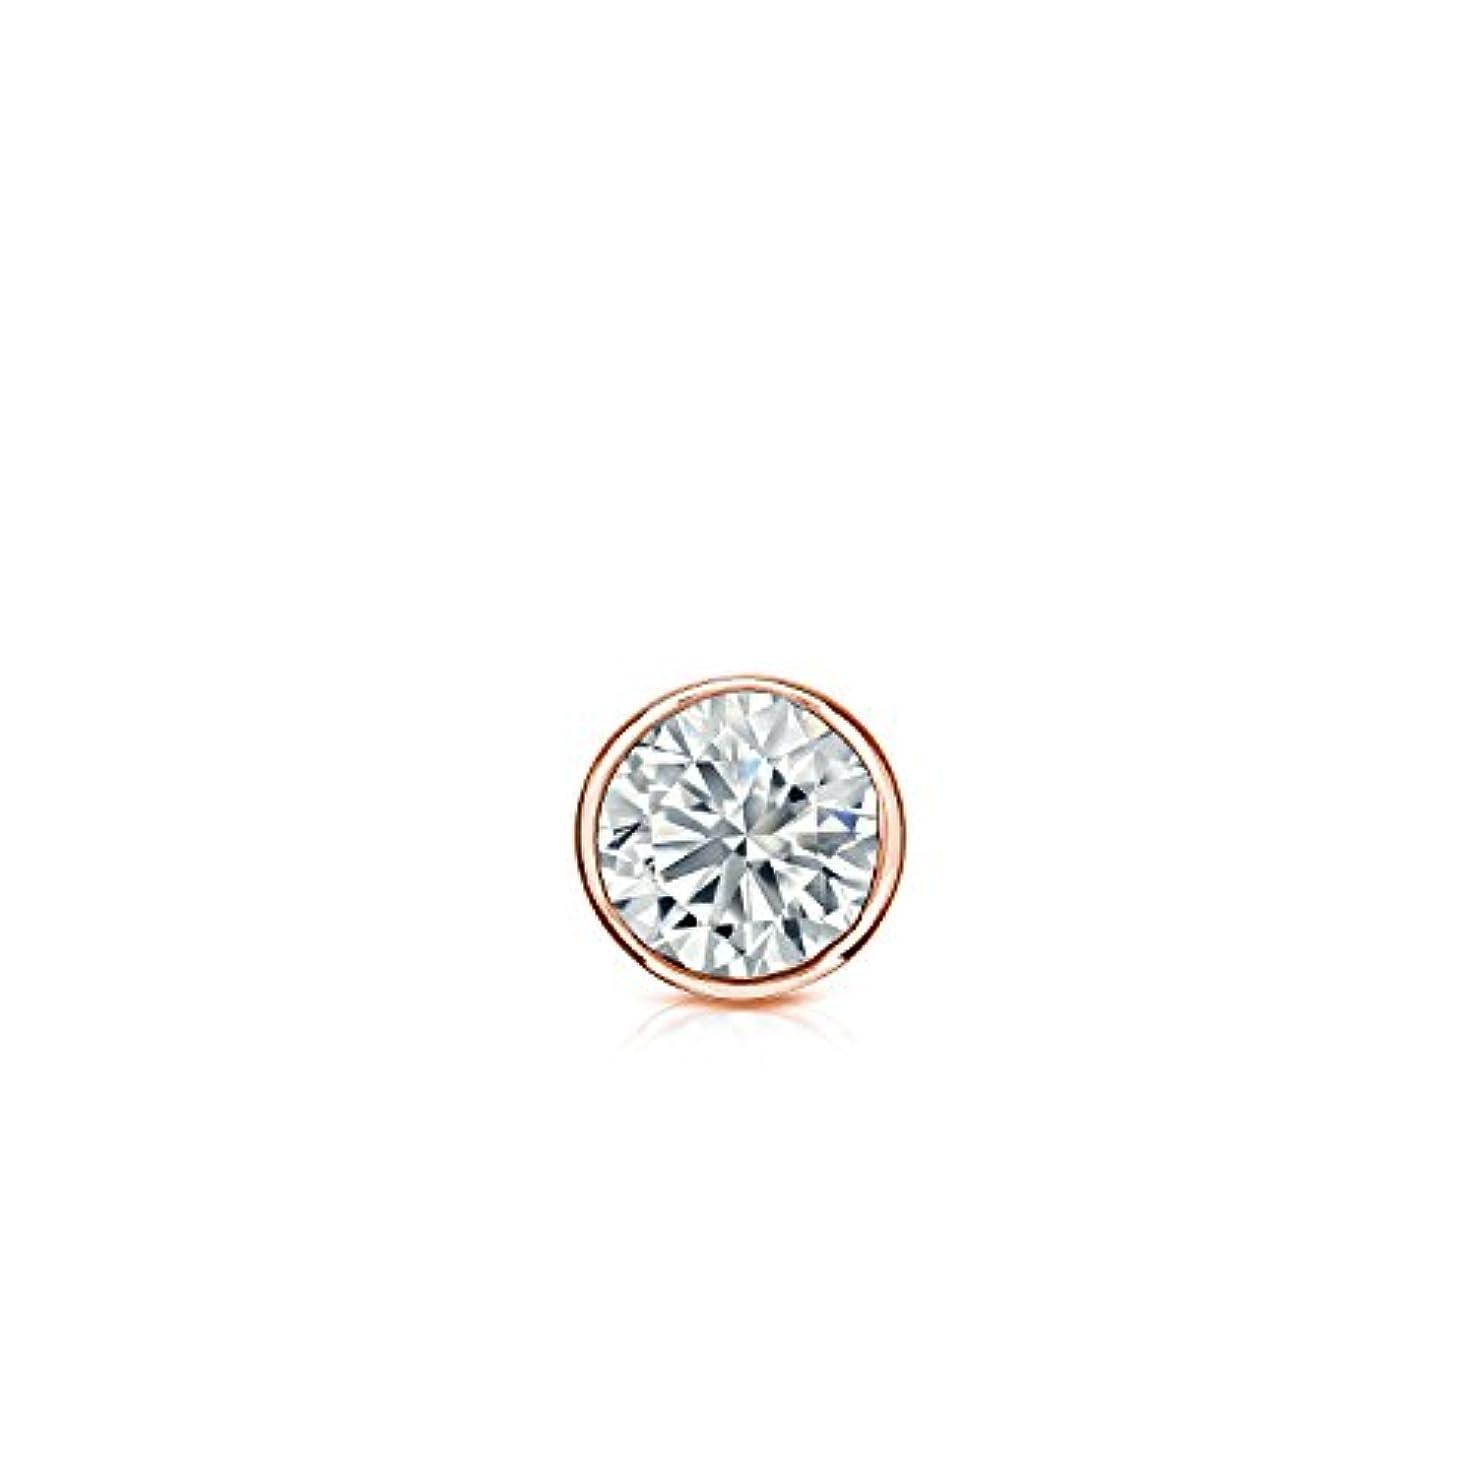 織機名詞品10 Kゴールドbezel-setラウンドダイヤモンドシングルスタッドイヤリング( 0.08ct、ホワイト、i2 - i3 ) screw-back